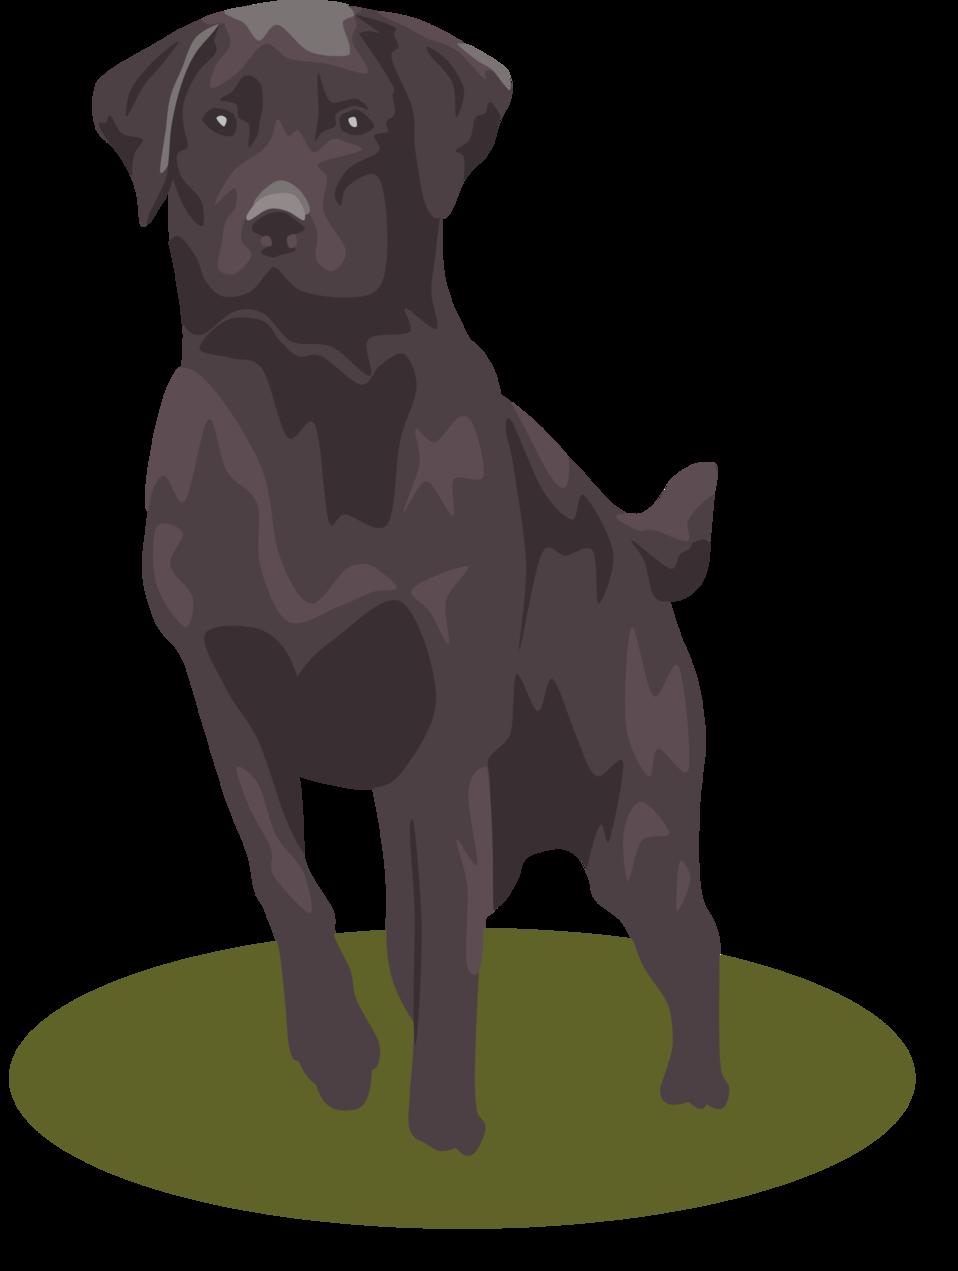 Dog clipart lab transparent download Public Domain Clip Art Image | Black Lab | ID: 13920039615544 ... transparent download